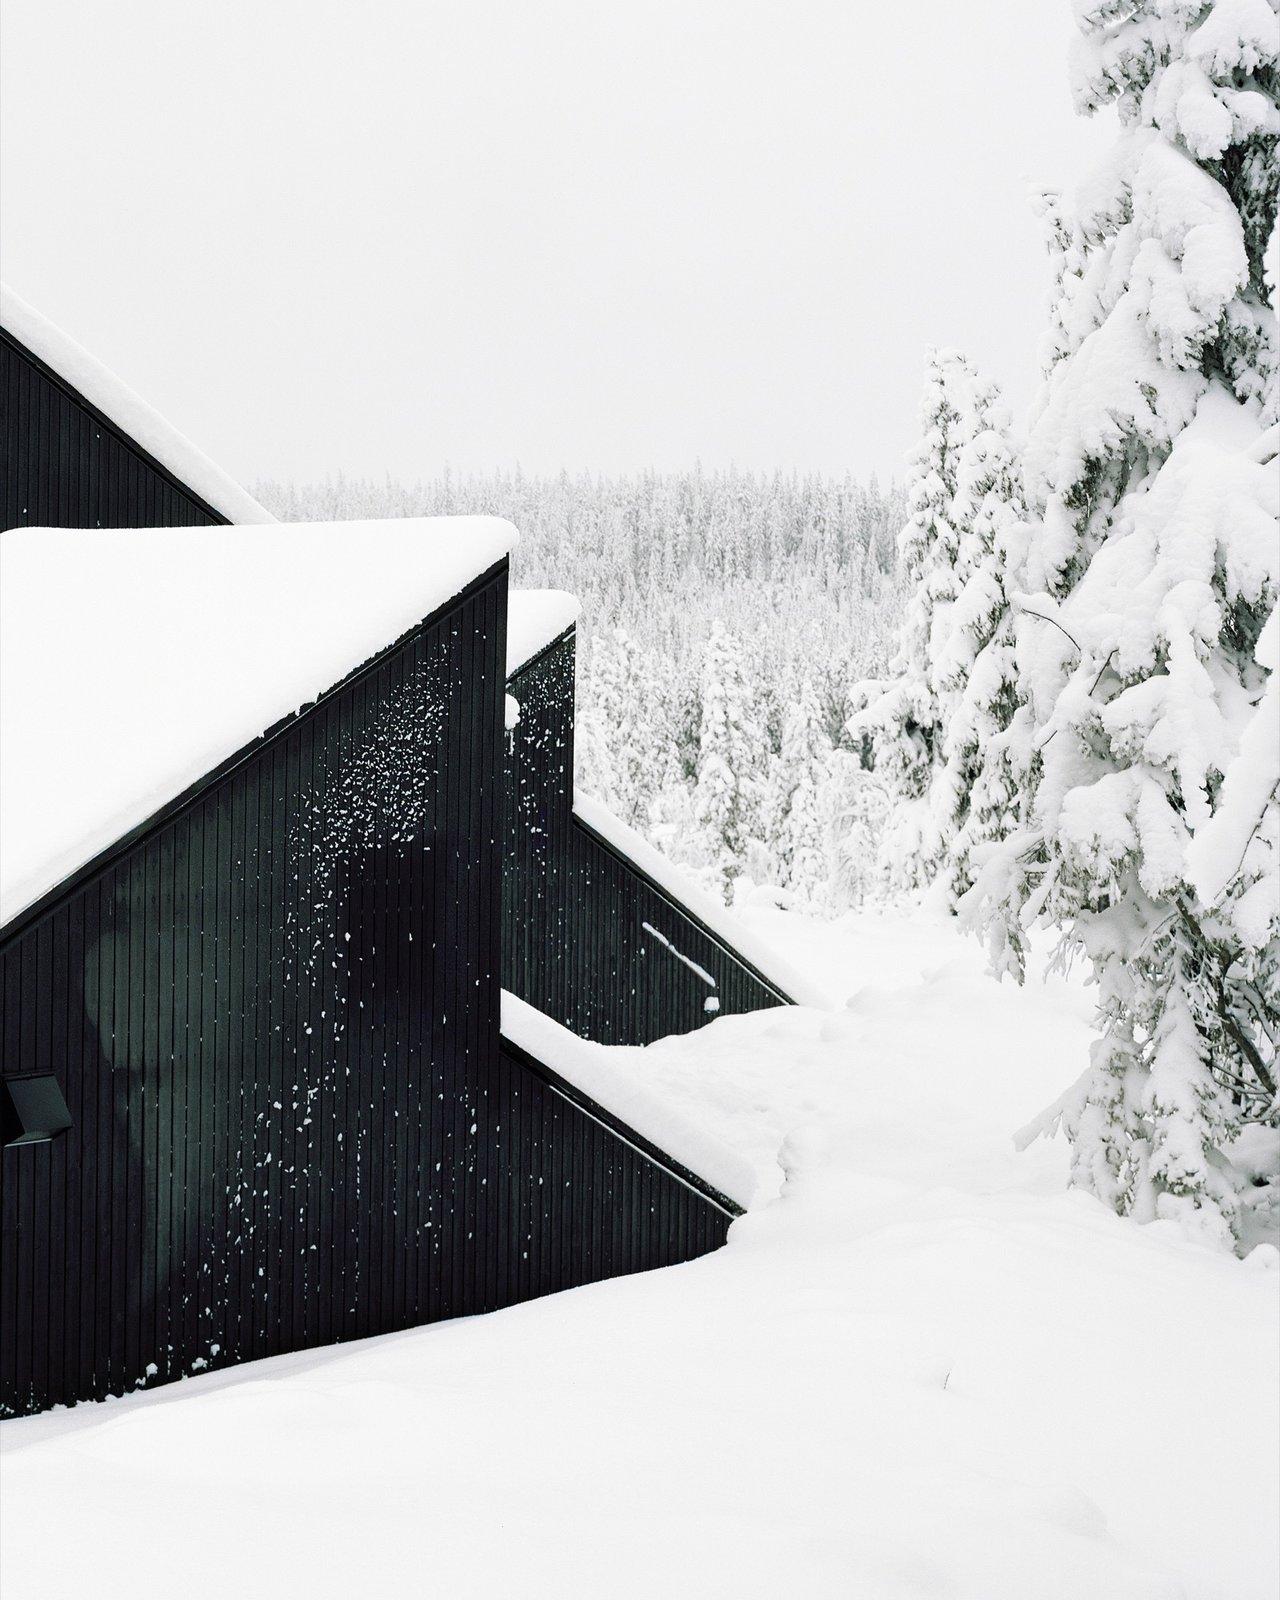 Photo 5 of 18 in The Vindheim Cabin: Snowbound in Norway